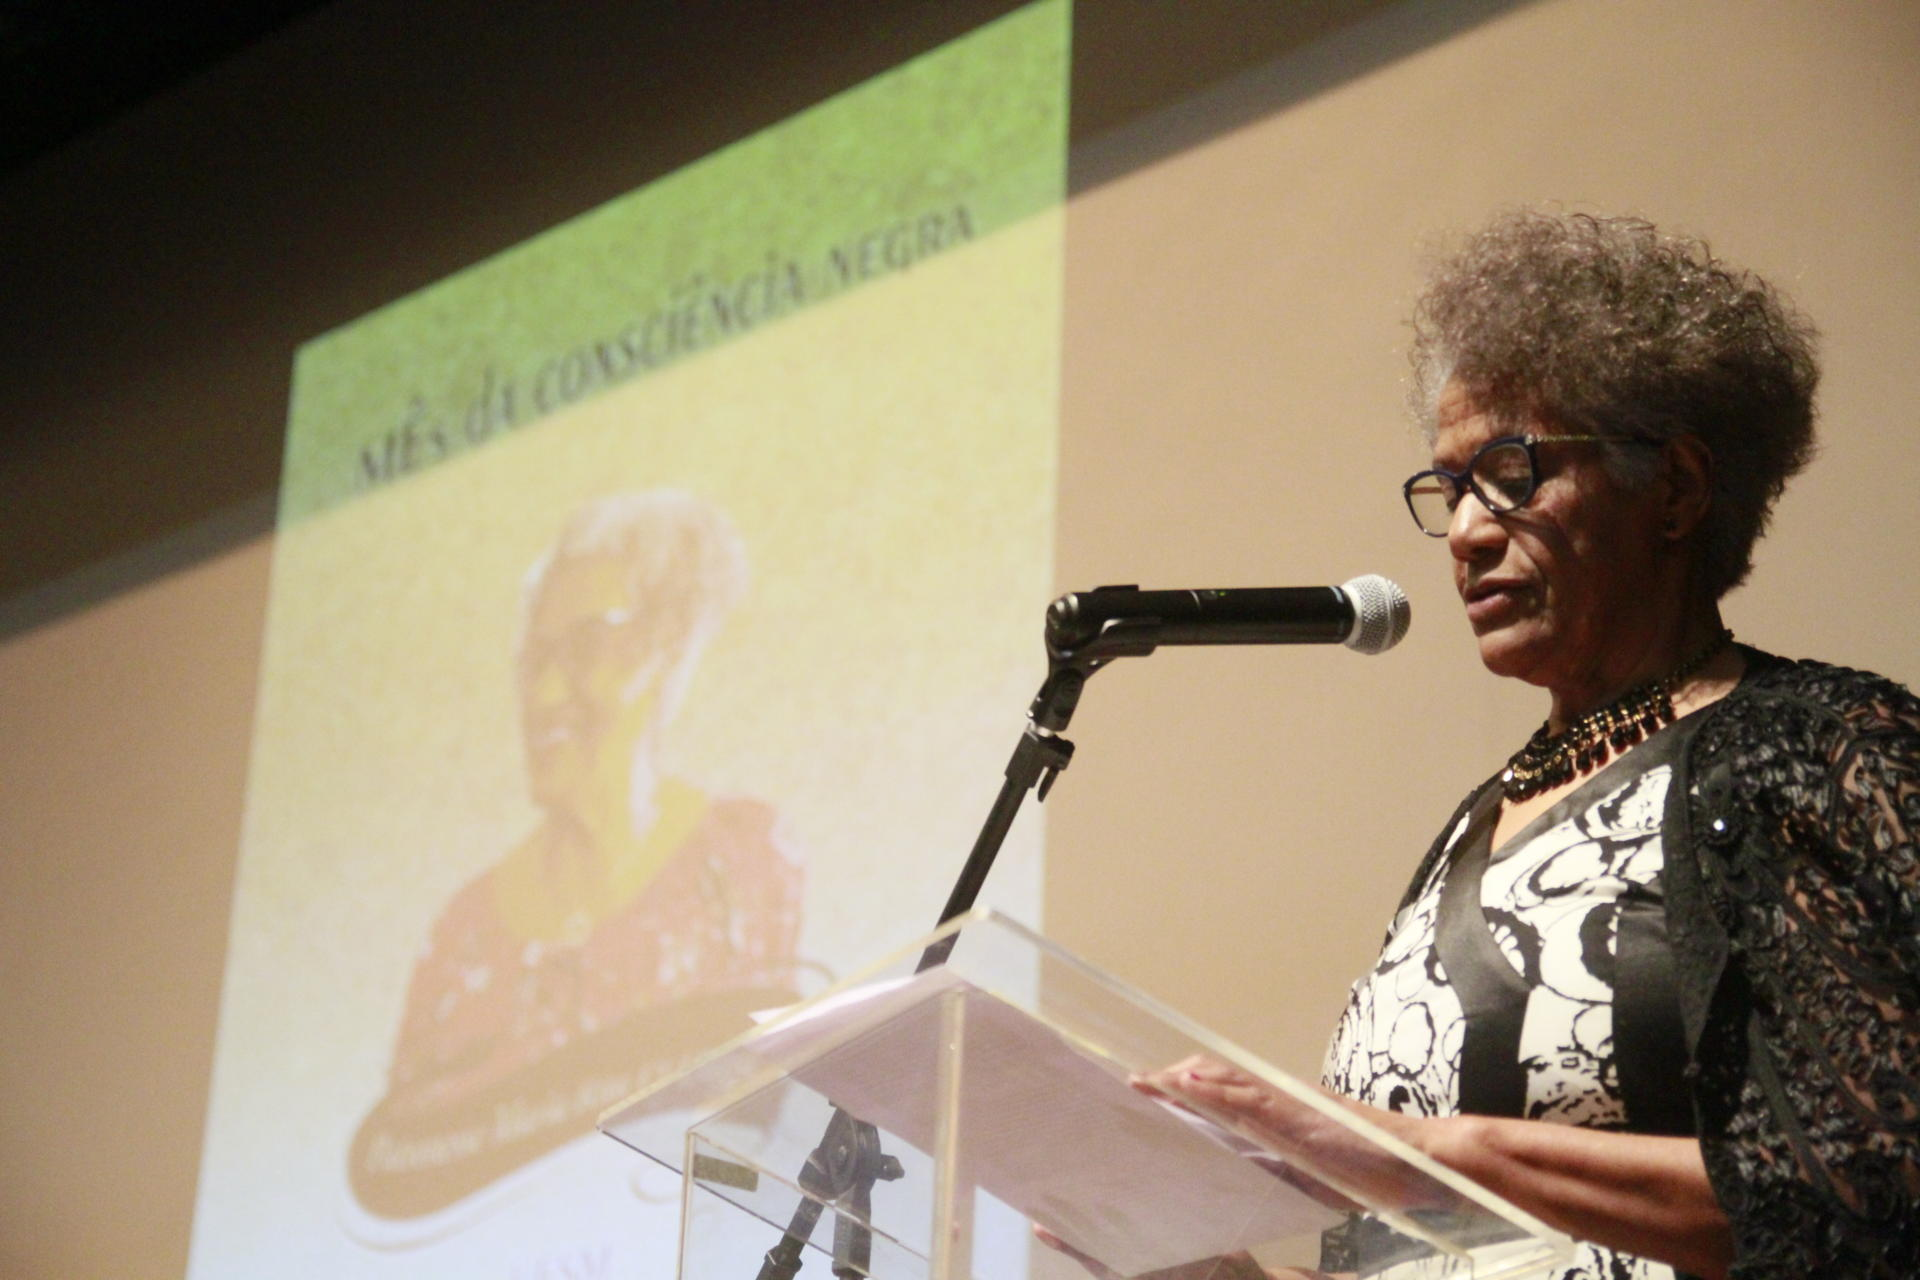 À direita, mulher no púlpito. Ao fundo, imagem projetada com a peça de divulgação do Mês da Consciência Negra